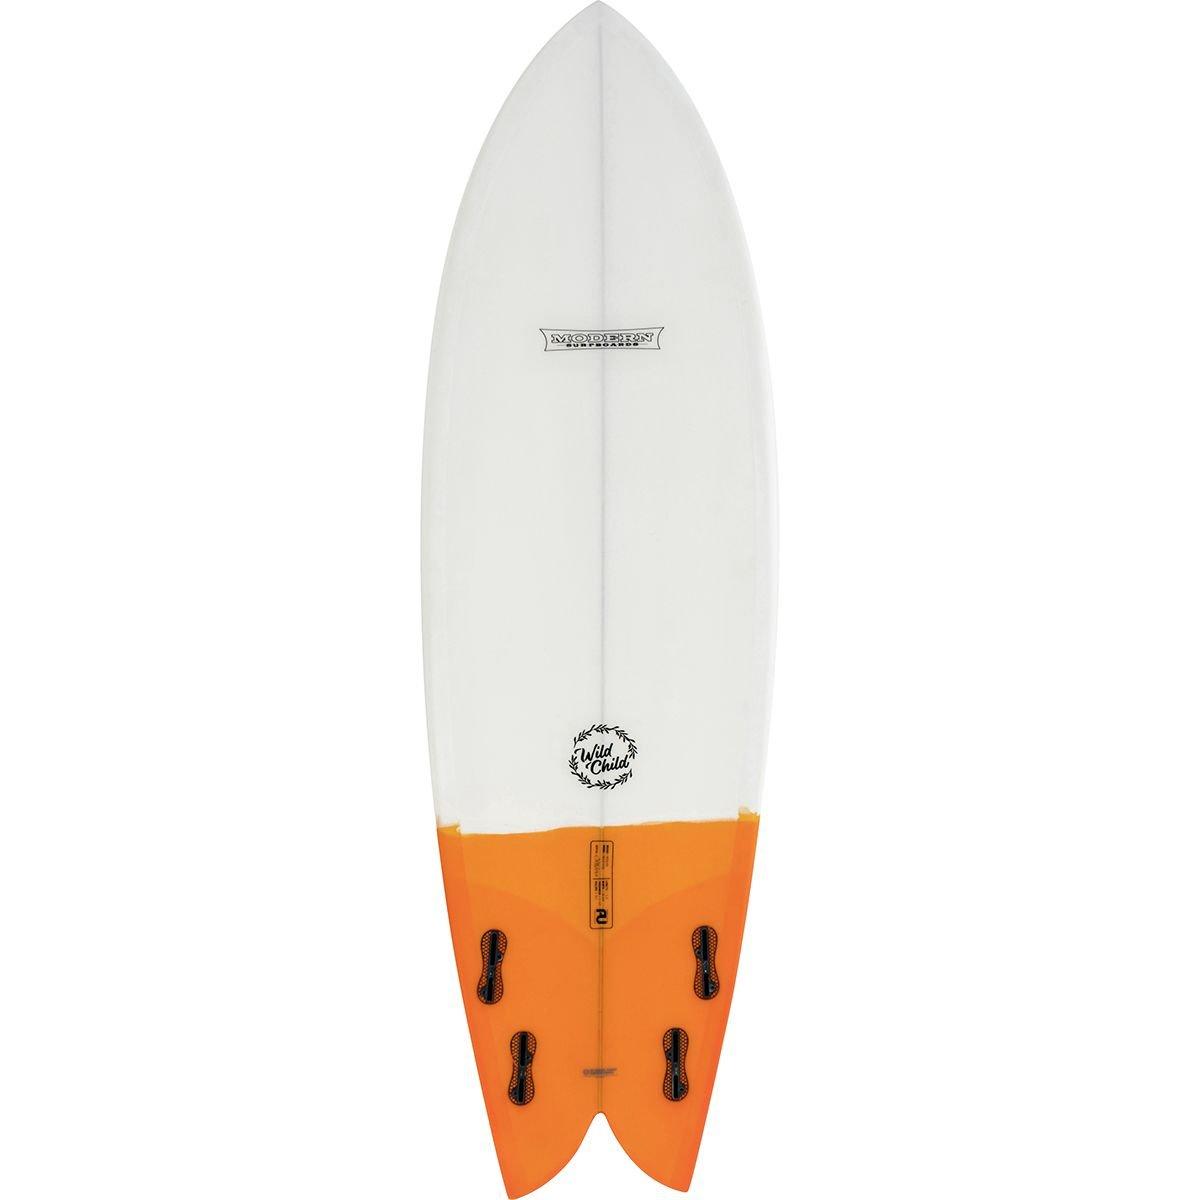 Modern Wild - Tabla de Surf para niños (Poliuretano, 1,8 m), Color Blanco y Naranja: Amazon.es: Deportes y aire libre